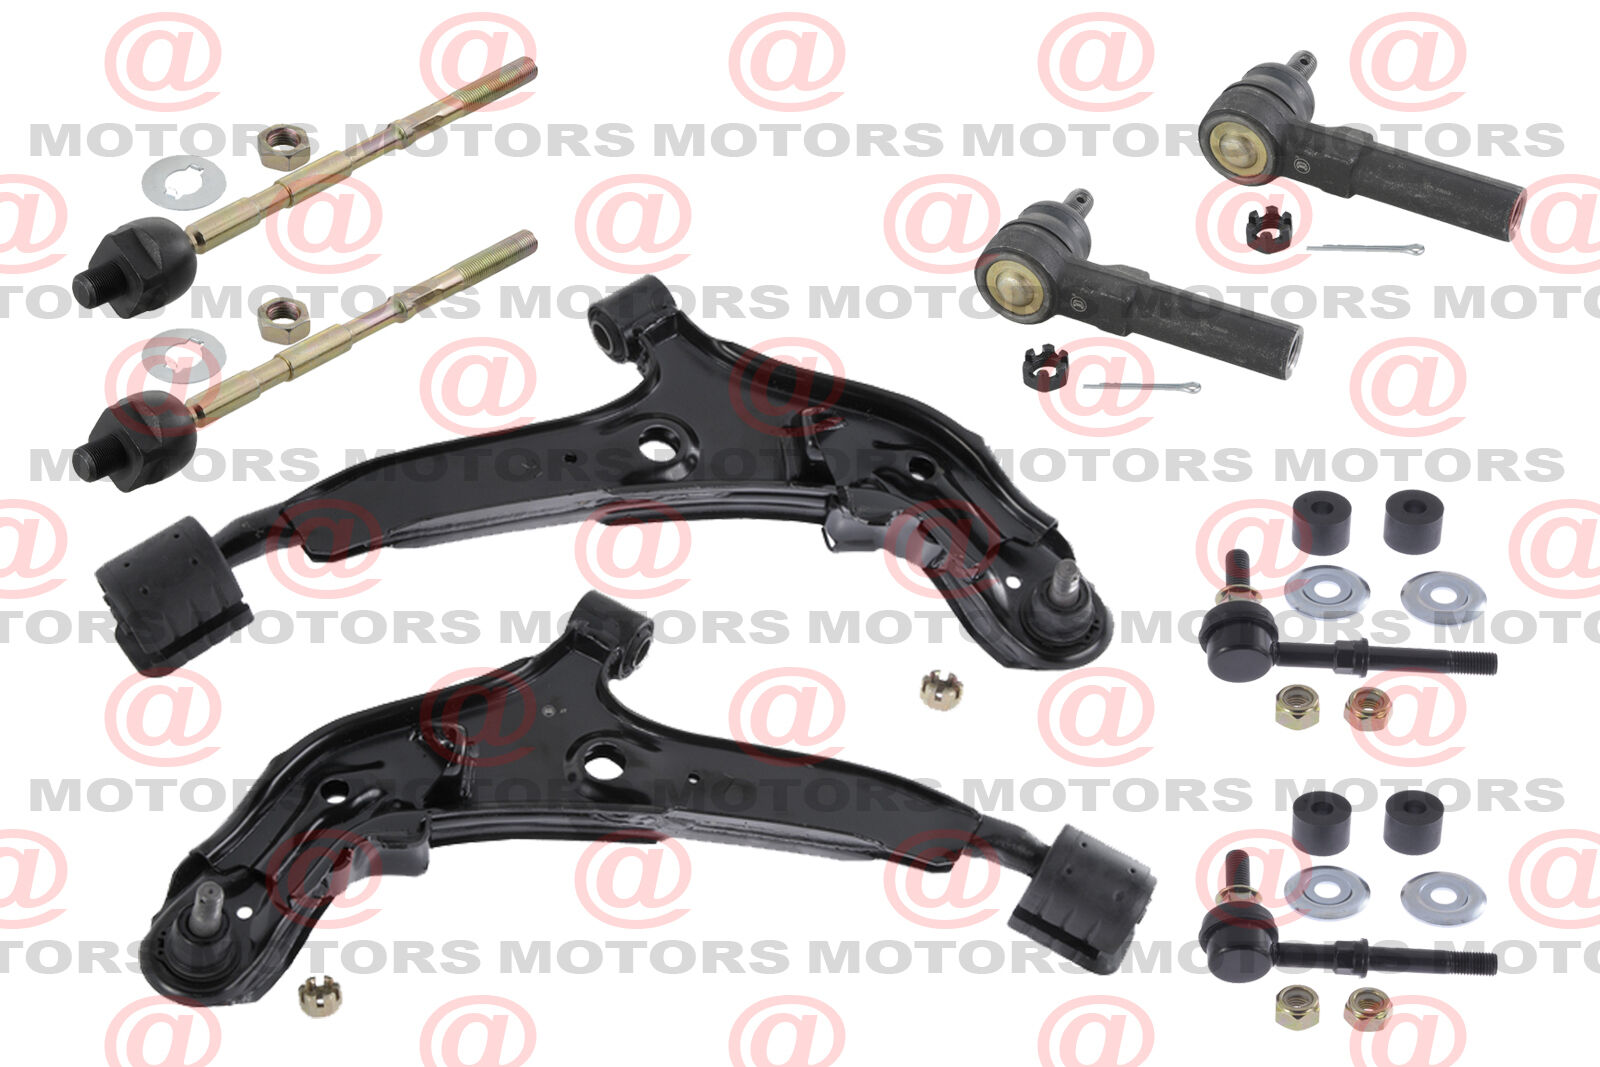 For 2003-2005 GMC Savana 2500 Radiator 64127DX 2004 5.3L V8